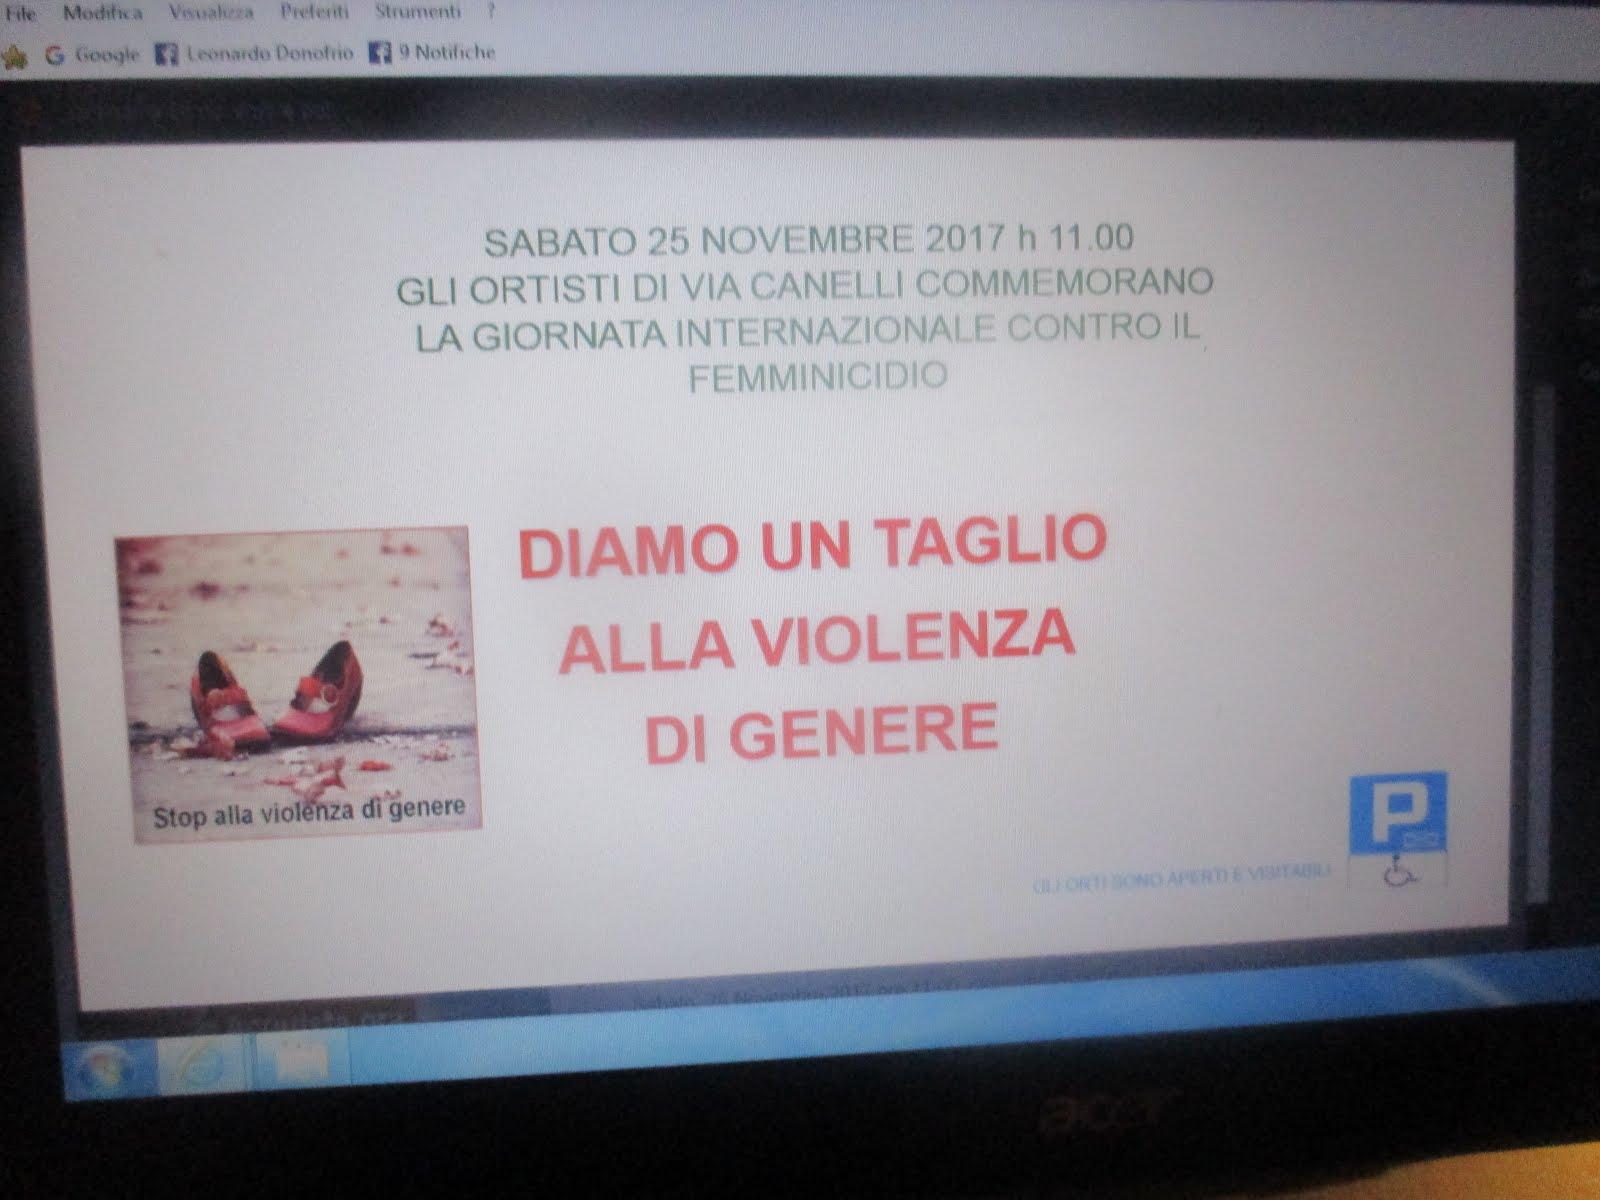 GIORNATA INTERNAZIONALE CONTRO IL FEMMINICIDIO